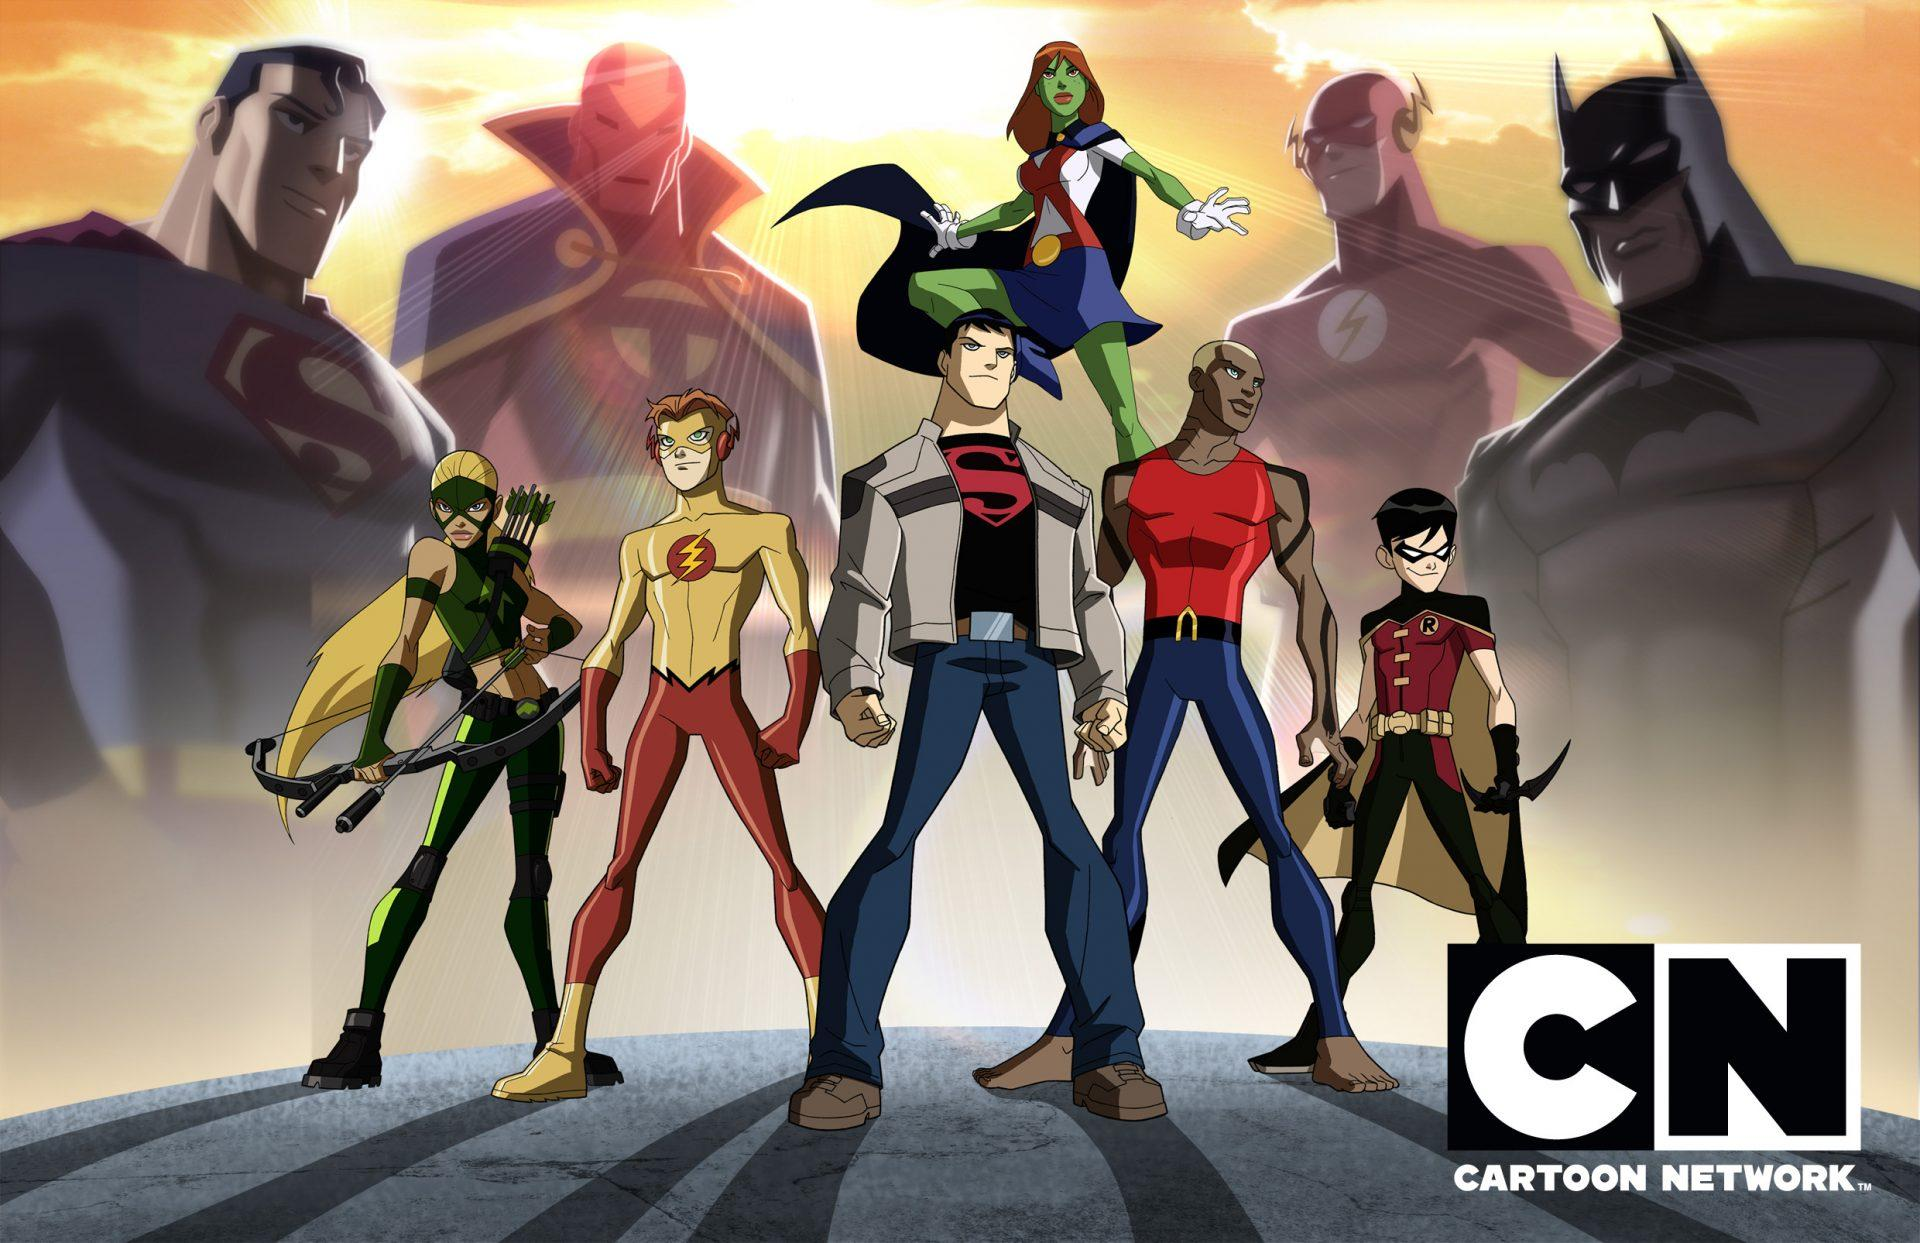 """Dal 30 Aprile su Cartoon Network la nuova serie in 1a Tv Assoluta """"Young Justice"""" con gli eroi teenager della DC Comics   Digitale terrestre: Dtti.it"""